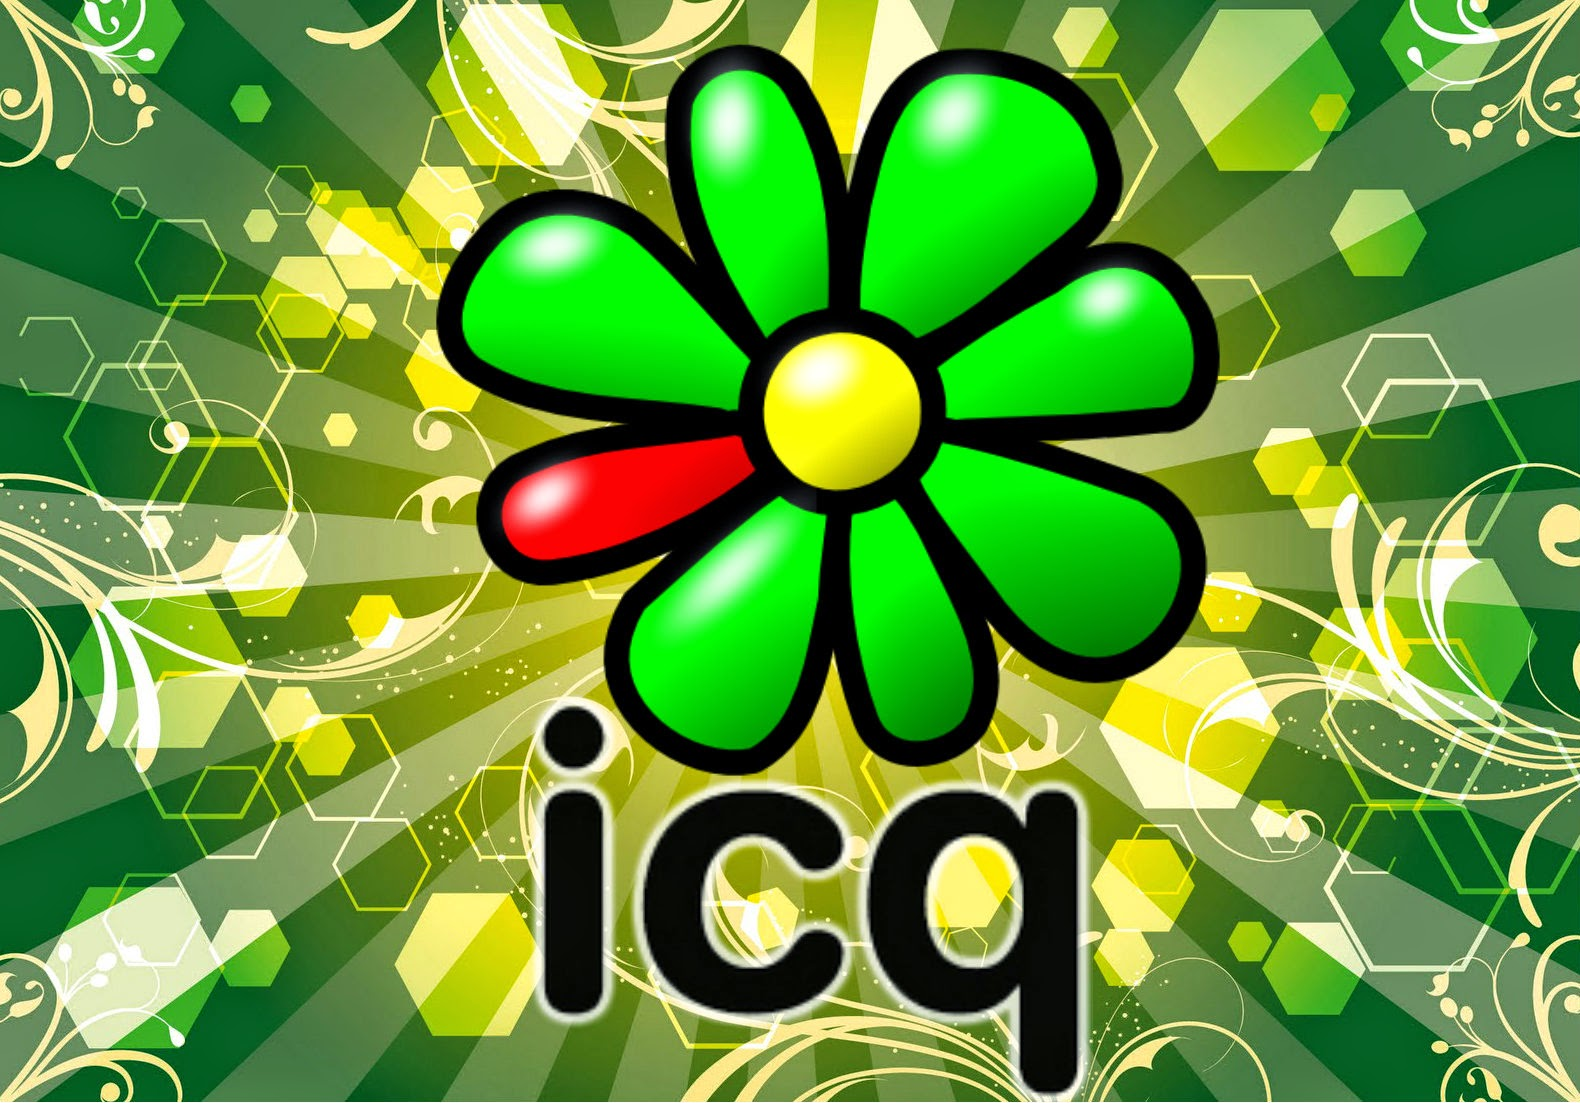 02_icq_big